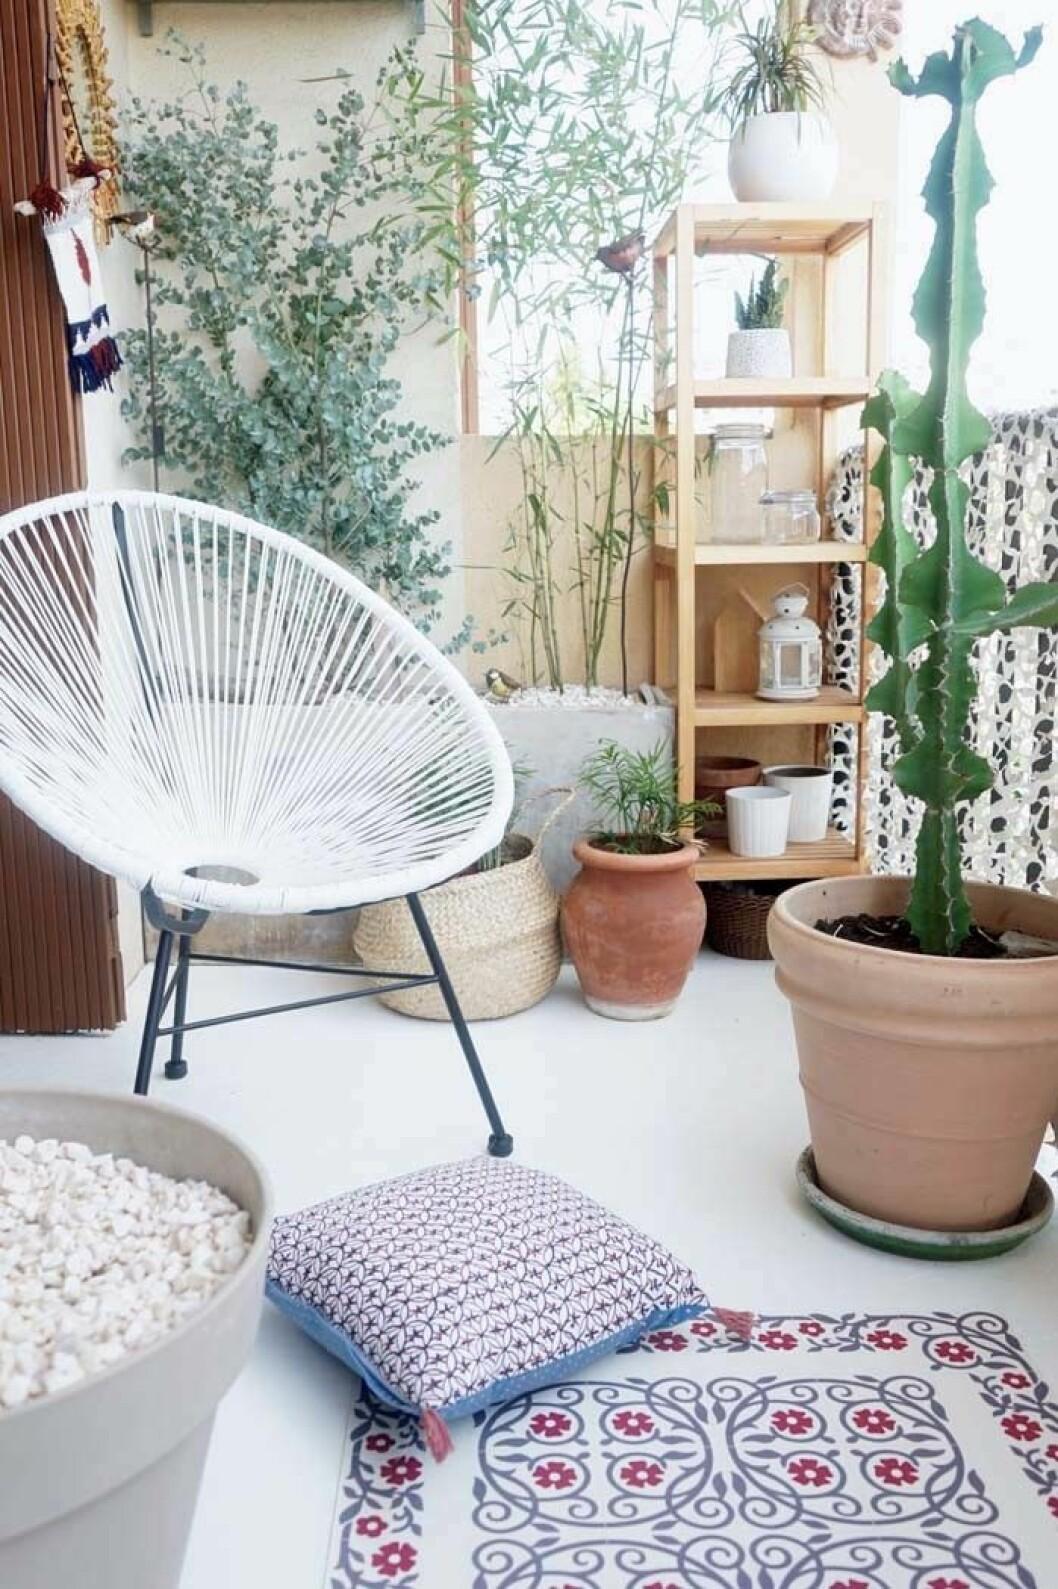 09. balkong med kaktus.